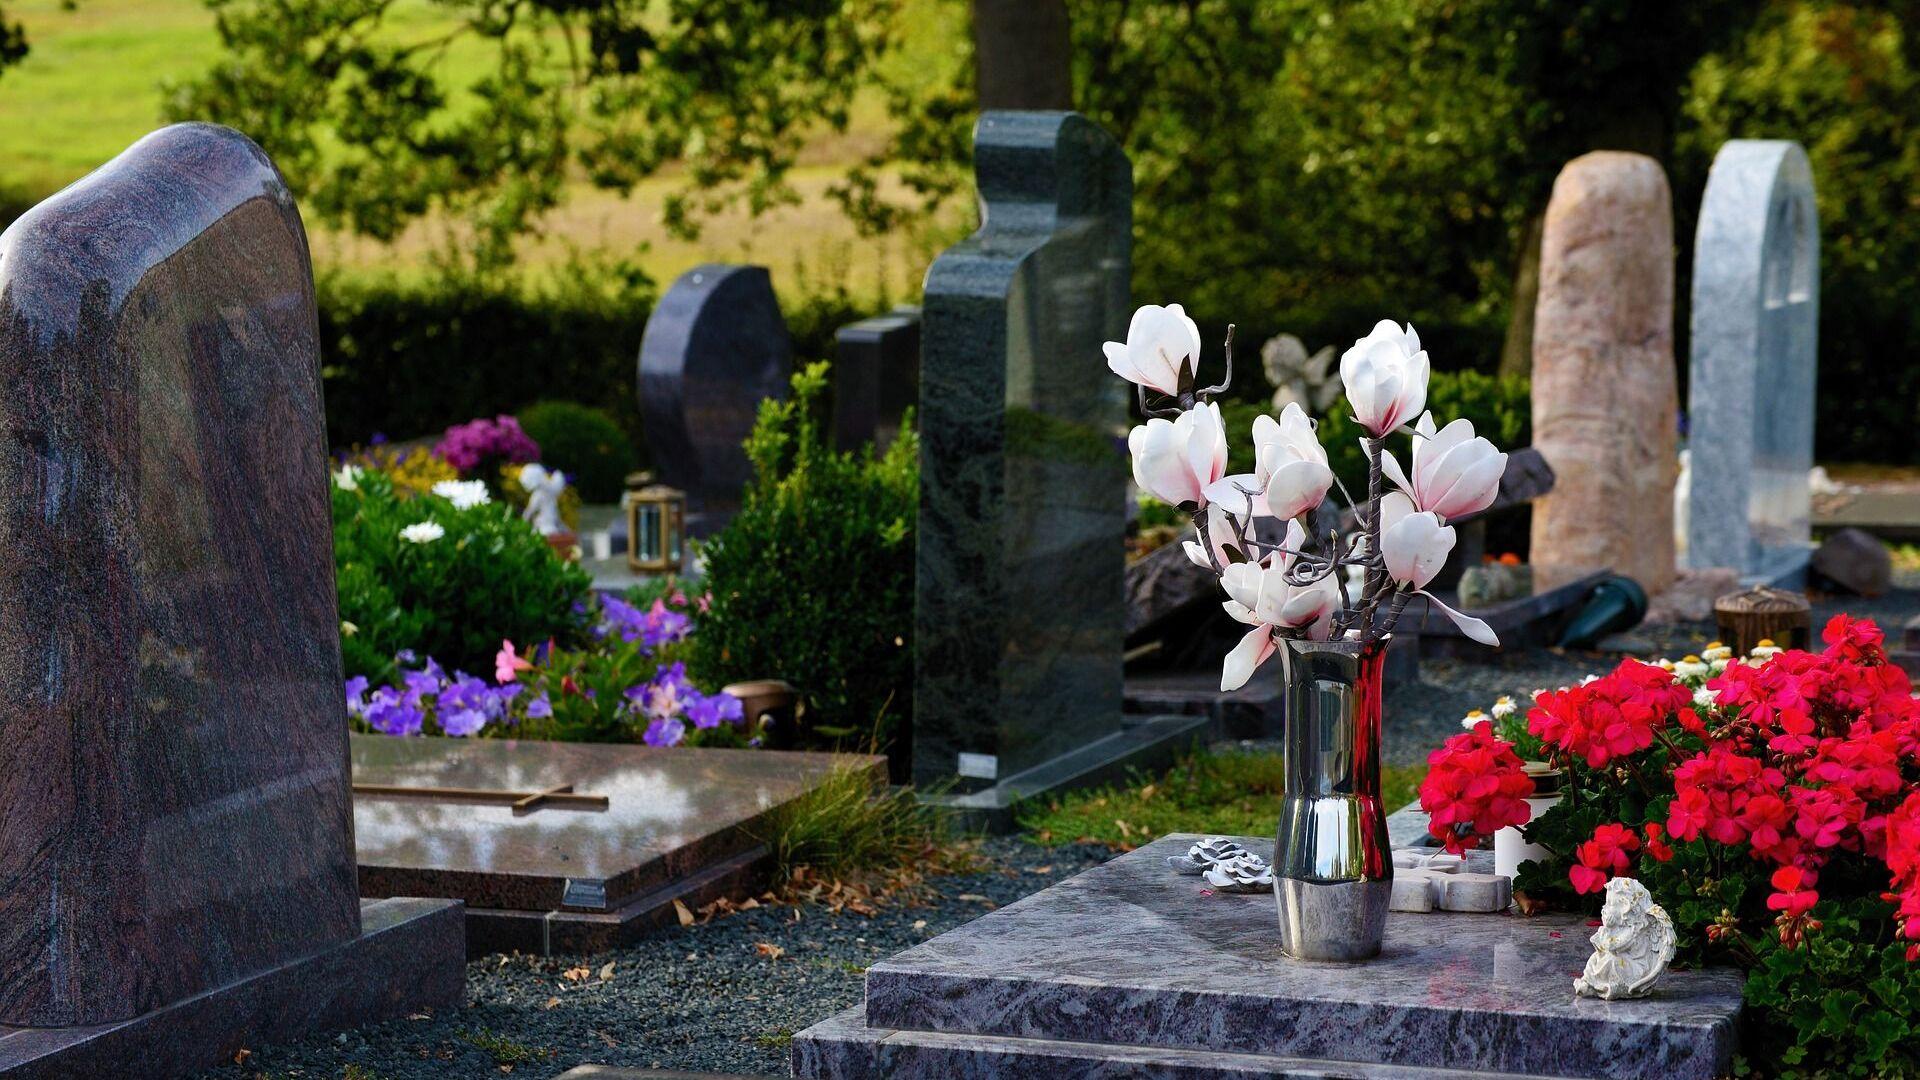 Цветы на кладбище - Sputnik Латвия, 1920, 17.07.2021